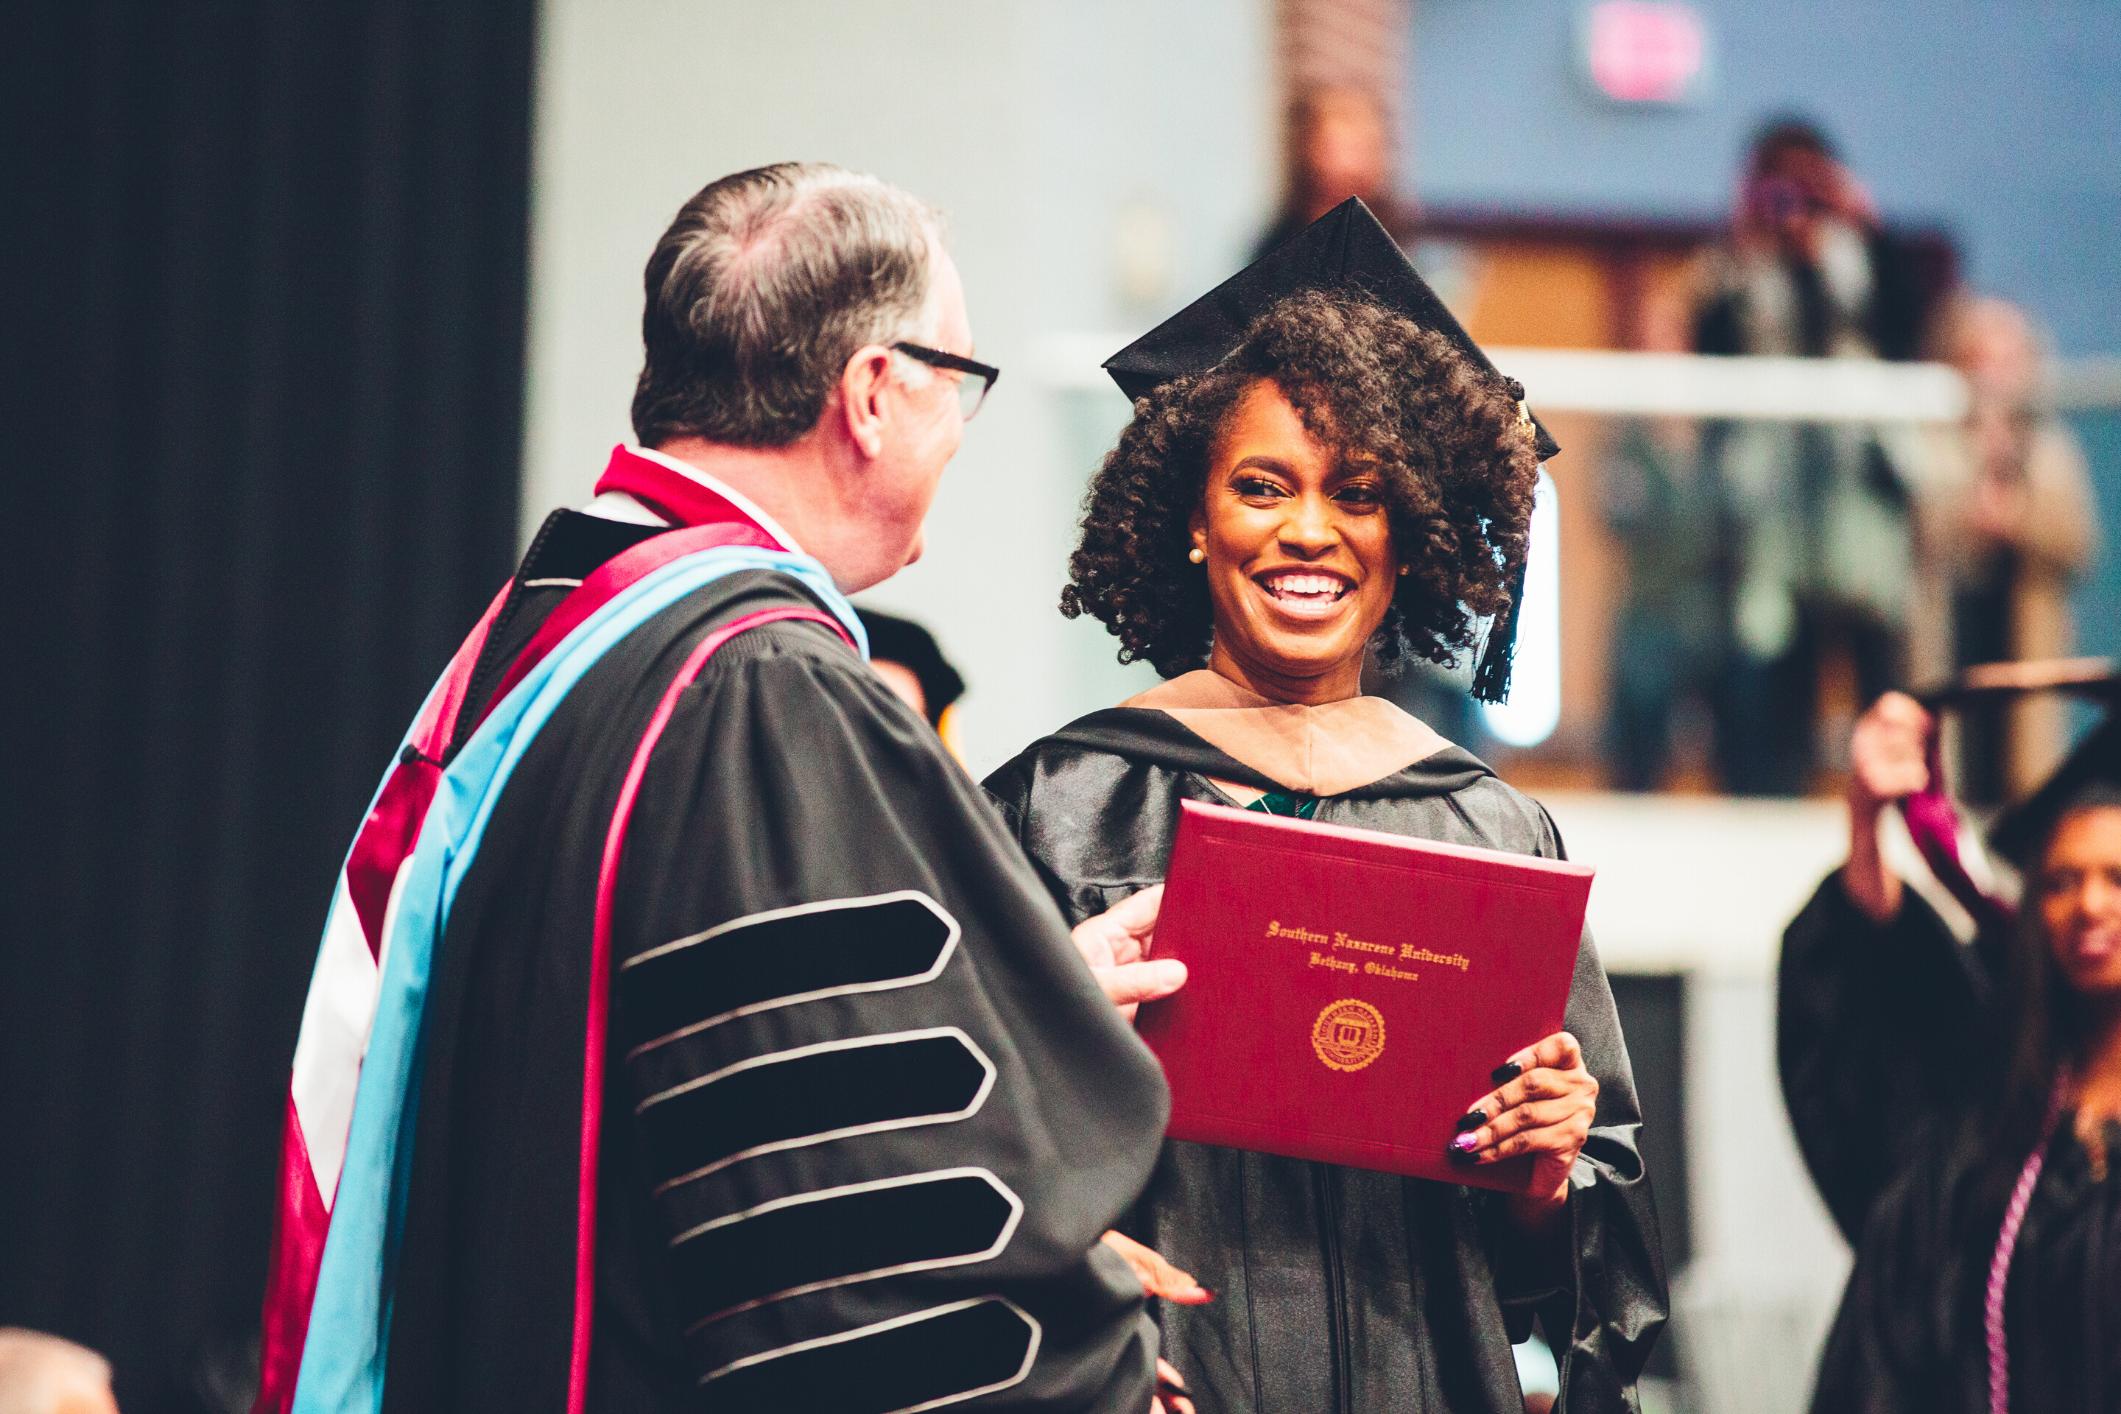 Woman Getting Diploma at Graduation